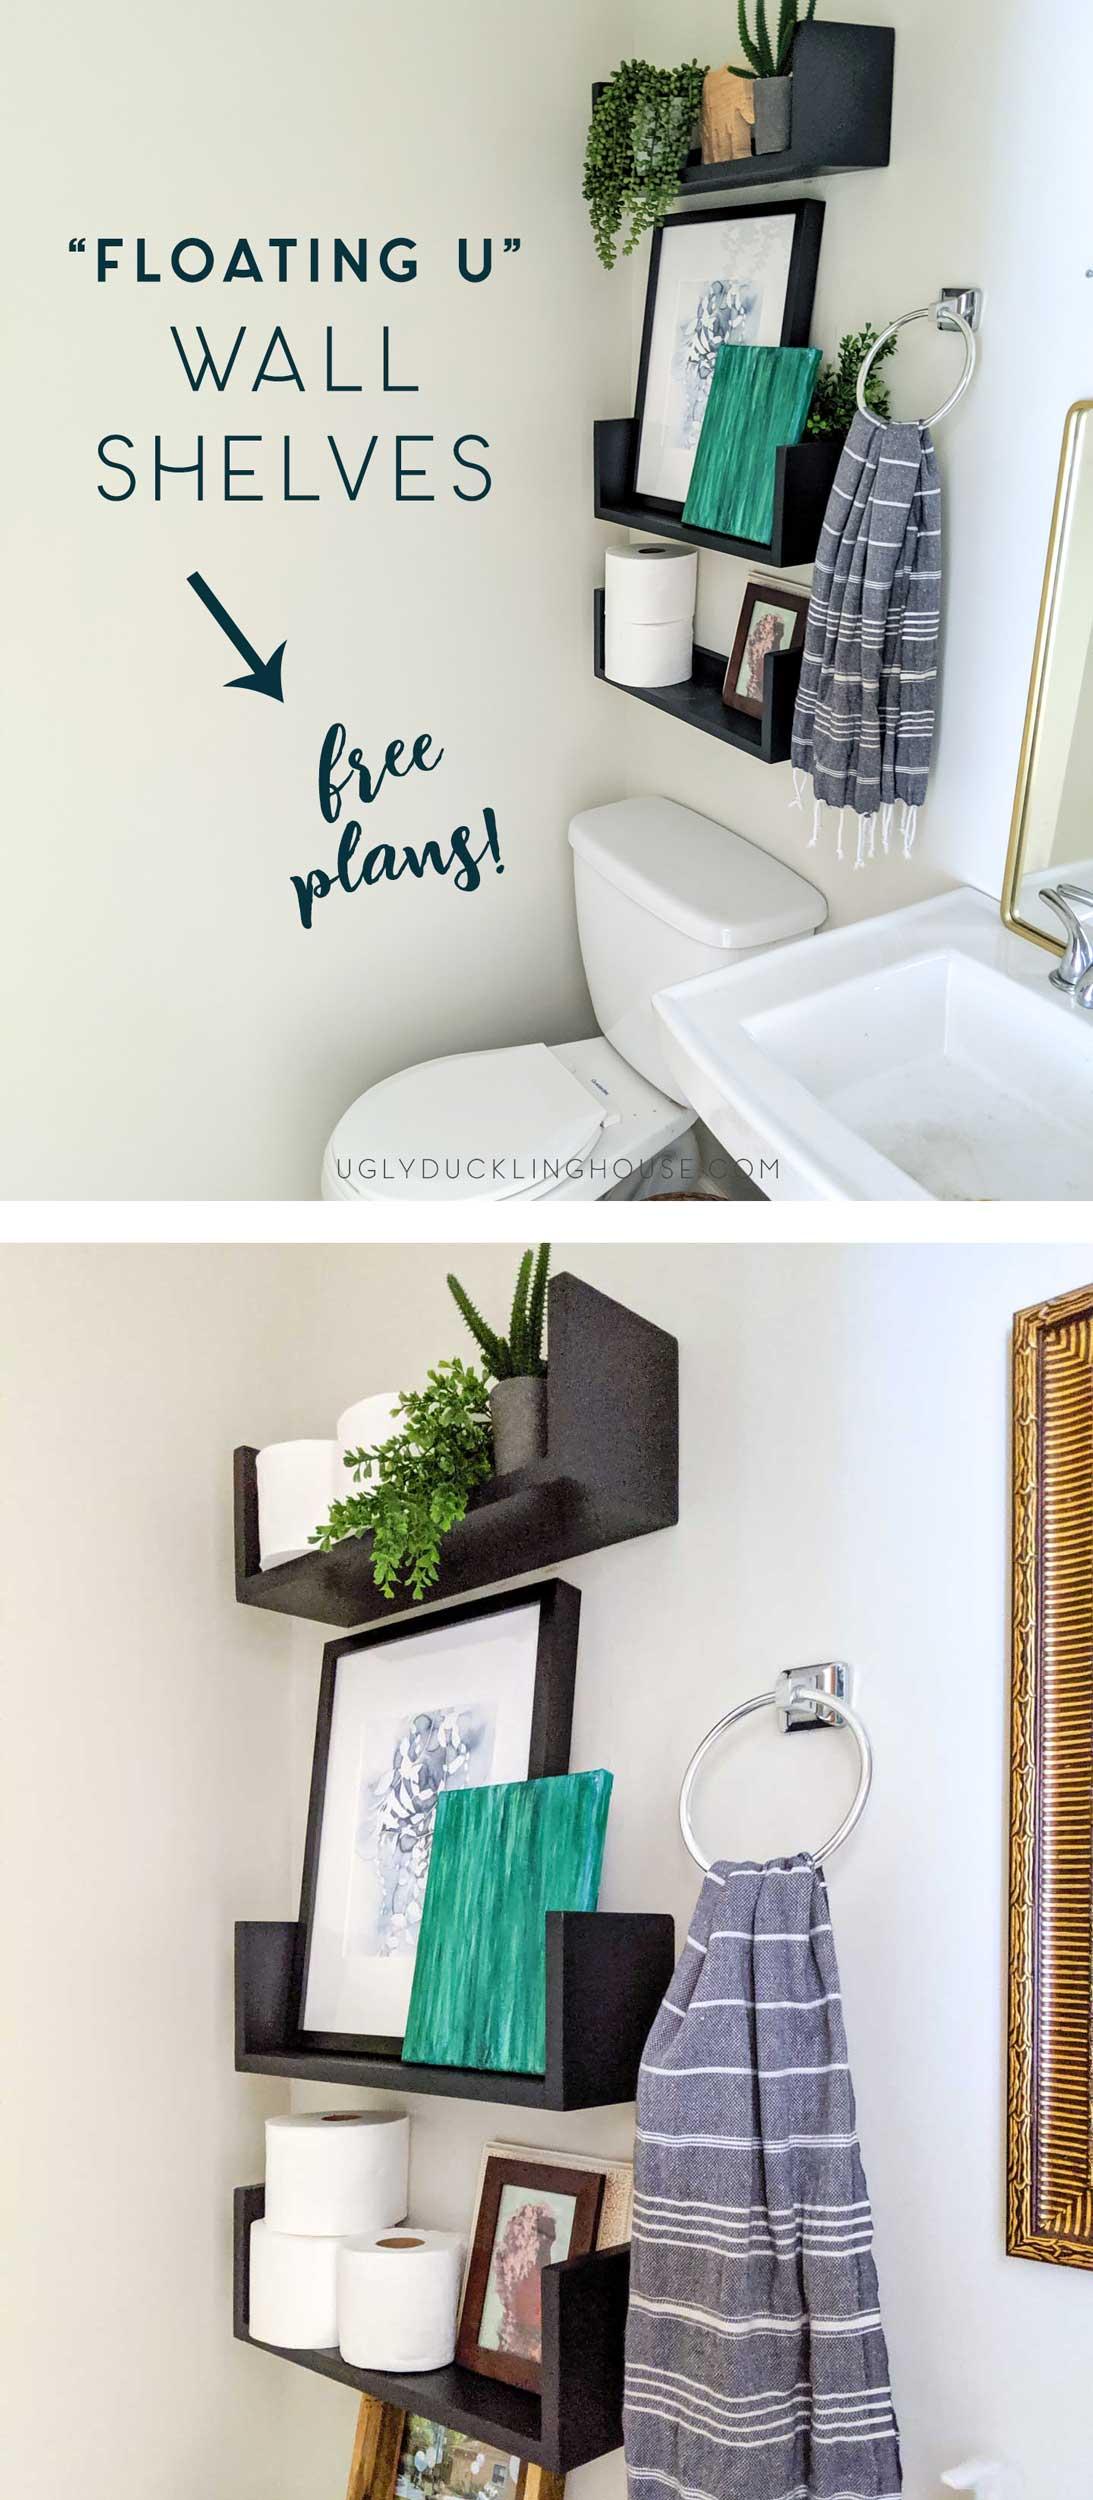 DIY floating u-shelves